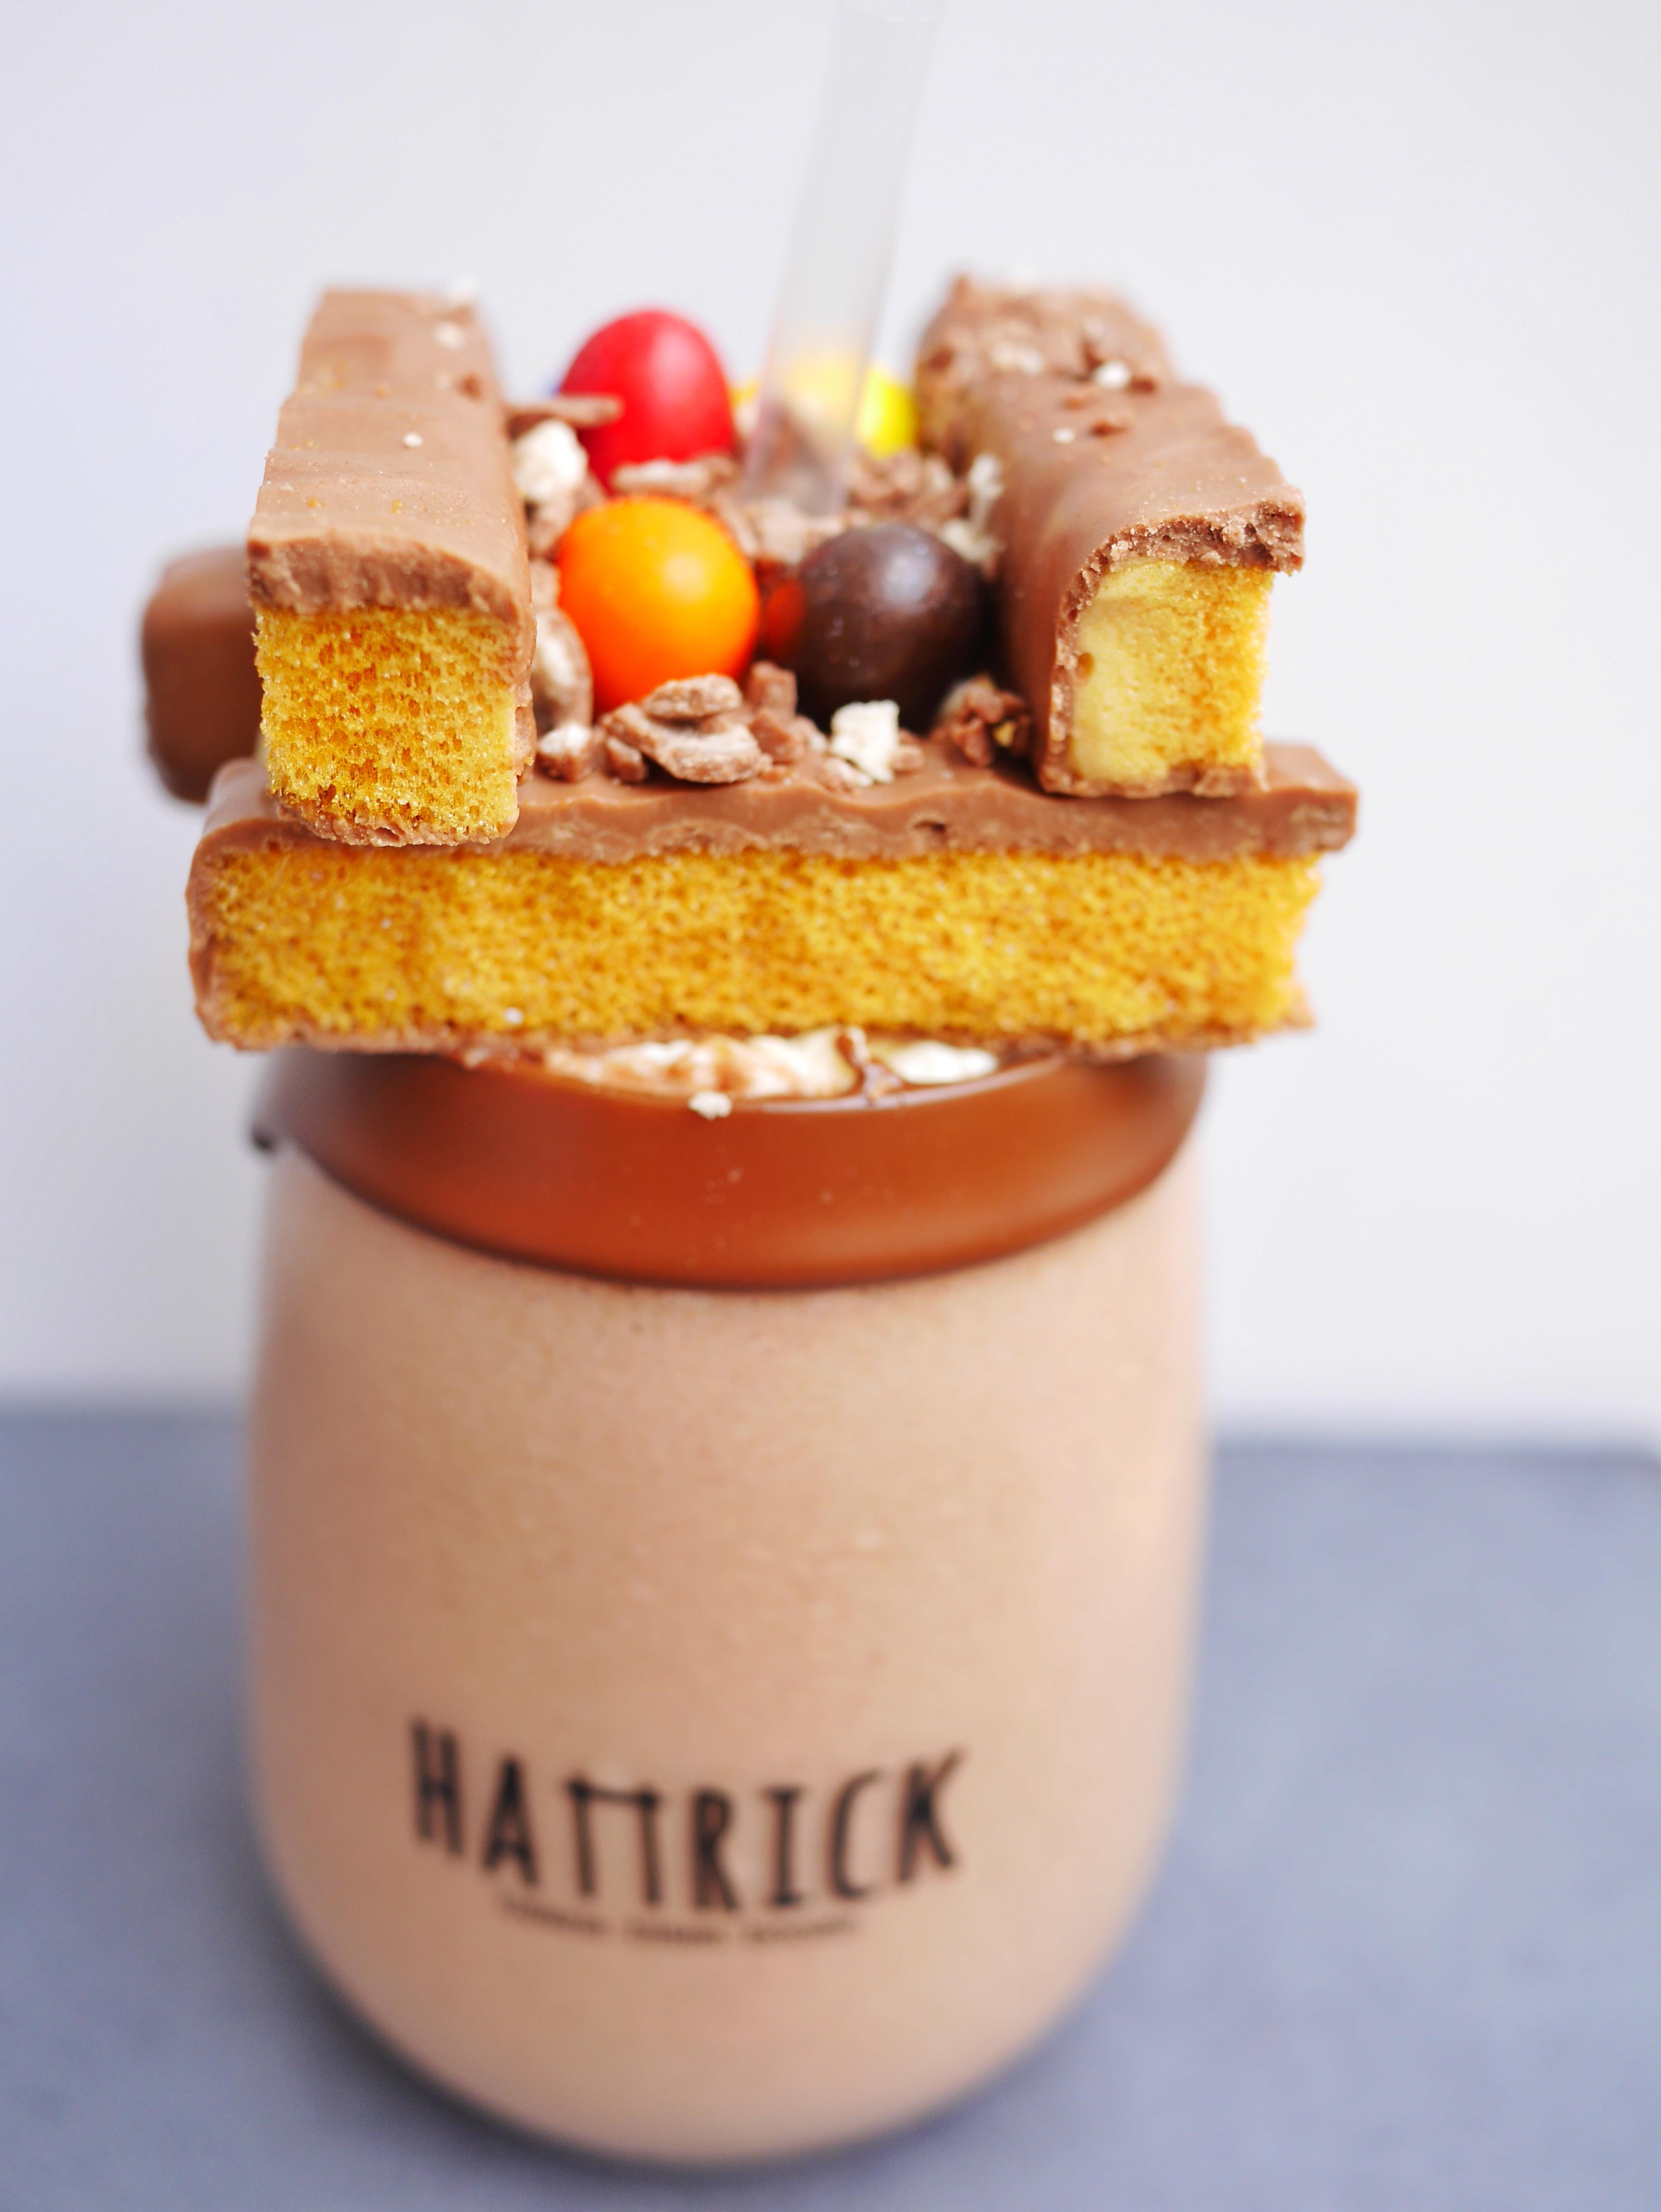 Best Sydney dessert Hattrick Tim & Tam's thesweetwanderlust.com